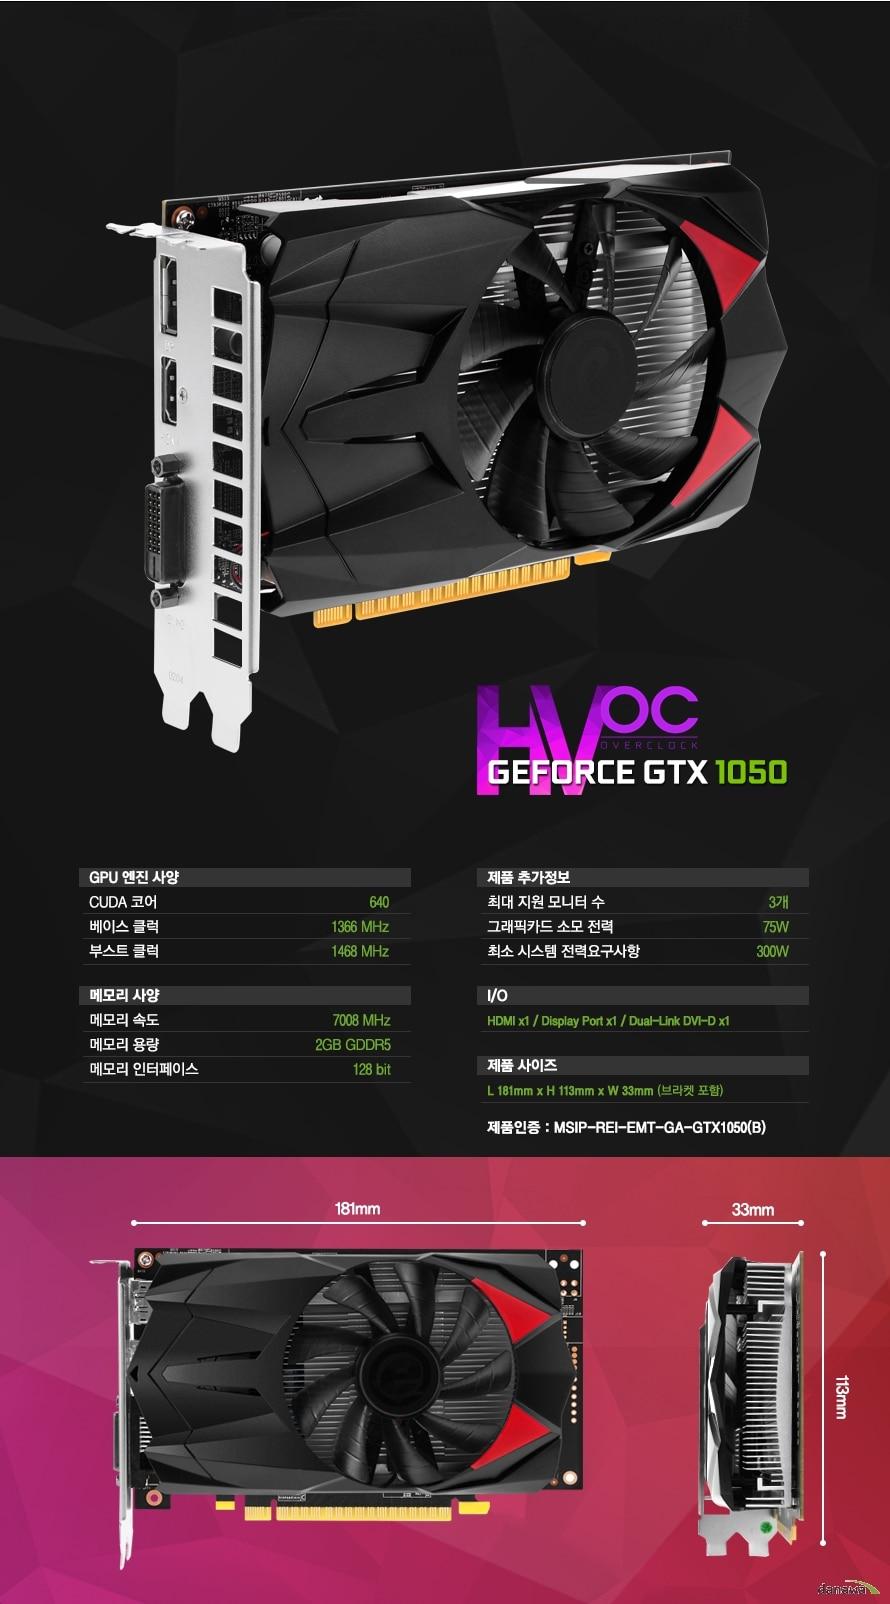 스펙    GPU 엔진 사양    쿠다 코어768    베이스 클럭1290MHz    부스트 클럭1392MHz    메모리 사양    메모리 속도7000MHz    메모리 용량4GB GDDR5    메모리 인터페이스128bit    제품 추가정보    최대 지원 모니터수3개    그래픽카드 소모 전력75W    최소 시스템 전력요구사항 300W    I/OHDMI x1 / 디스플레이 포트 x1 / 듀얼링크 DVI-D    제품 사이즈 L 145mm x H 113mm x W 35mm    제품인증 : MSIP-REI-EMT-GA-GTX1060Ti